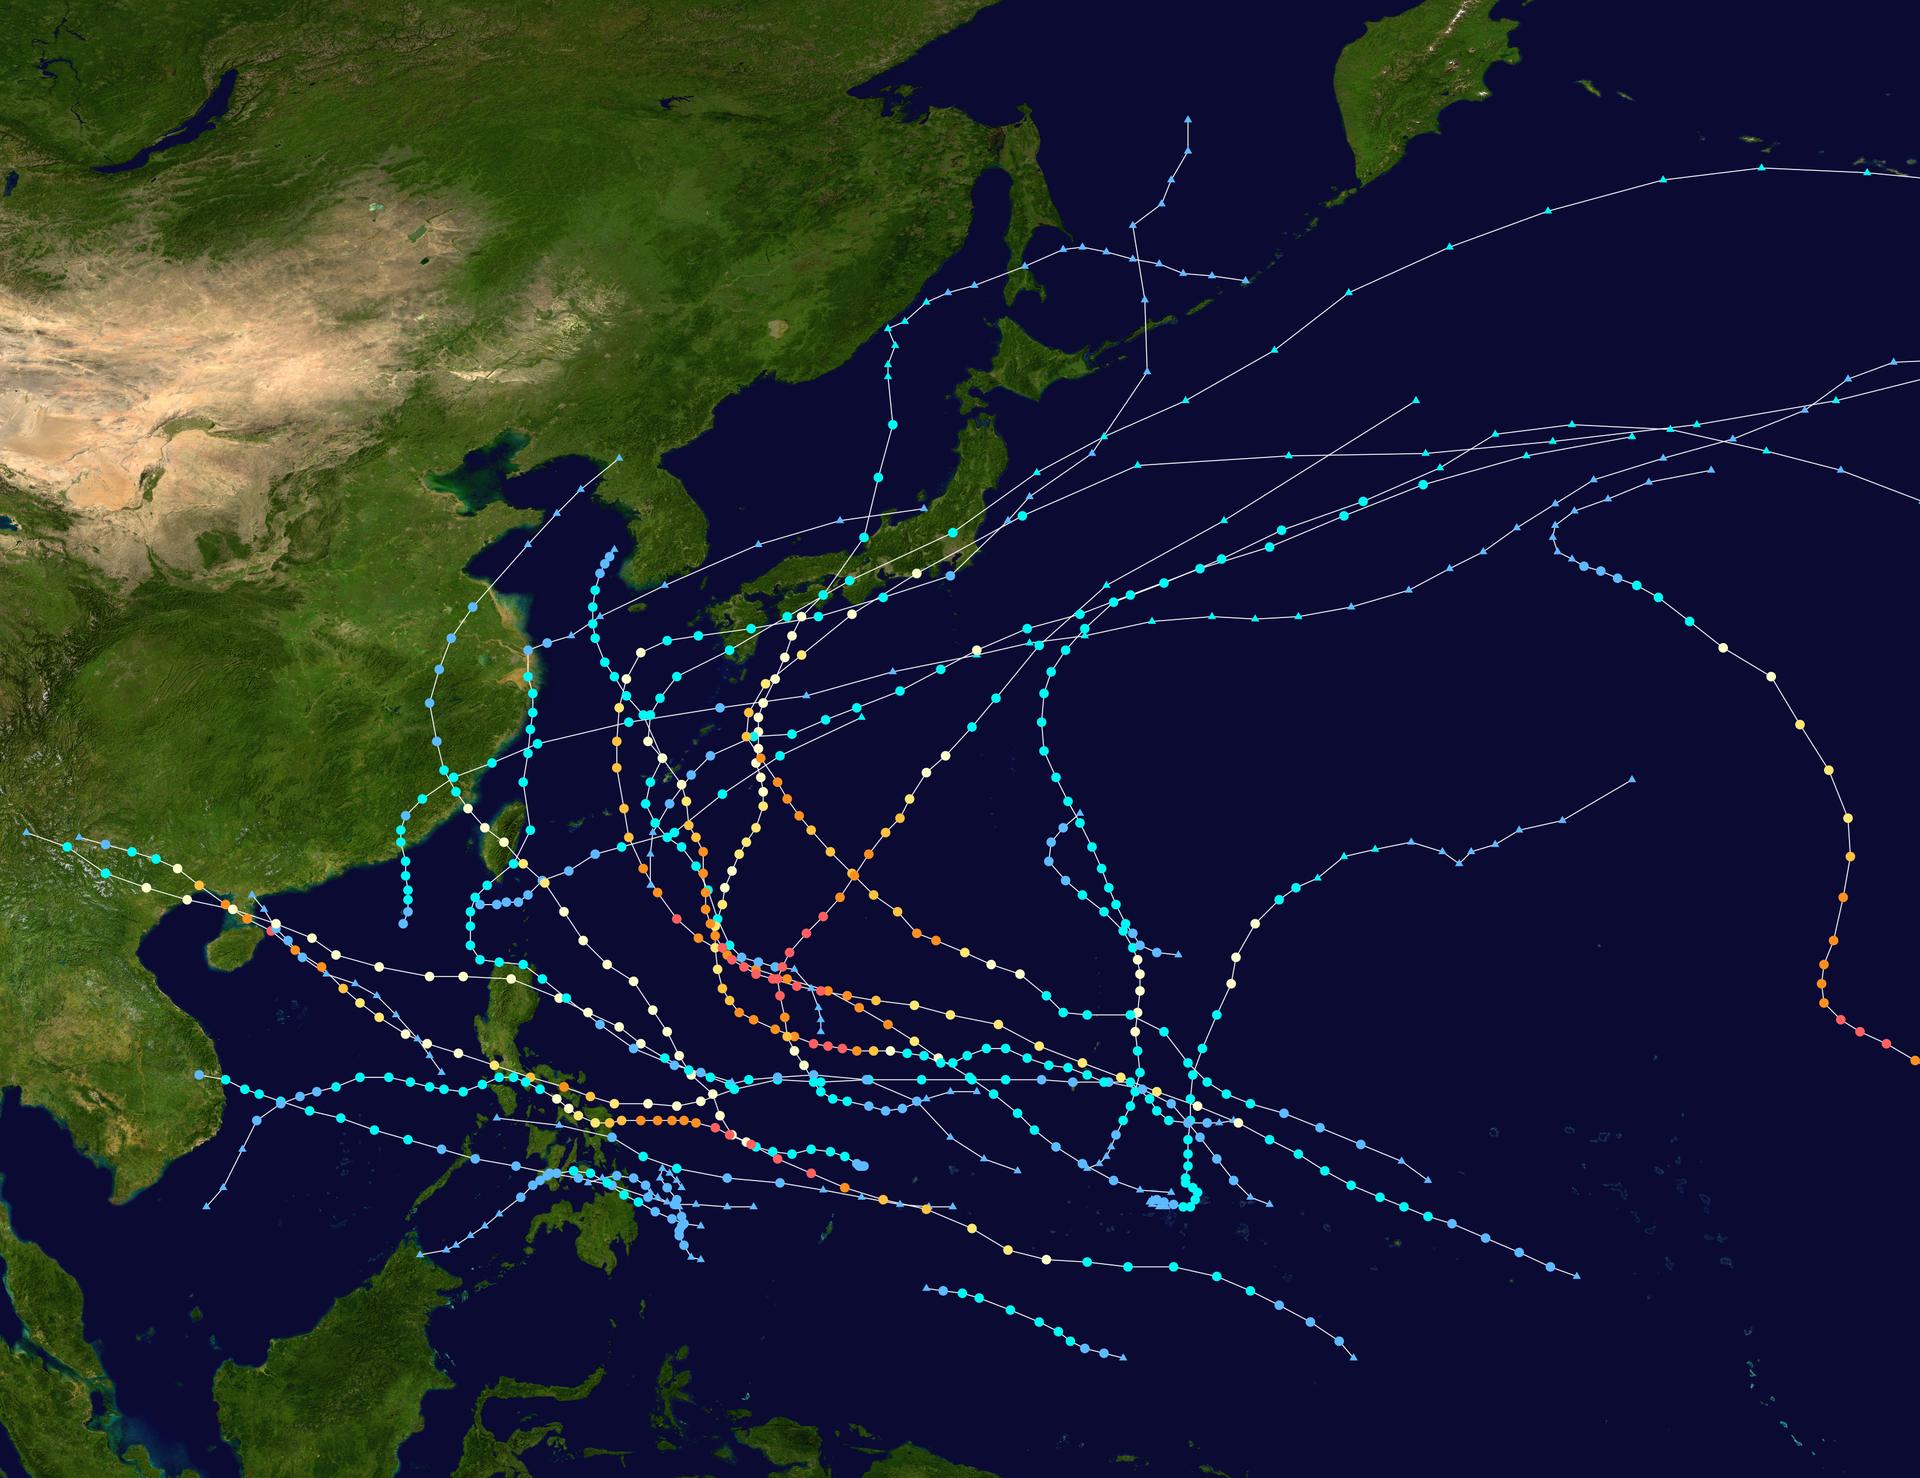 Na ilustracji zdjęcie lotnicze Azji Wschodniej zzaznaczonymi trasami przemieszczania się tajfunów. Wiele kolorowych krzyżujących się tras opodobnym przebiegu. Tajfuny nadciągają znad Oceanu Spokojnego wkierunku wysp anastępnie zawracają zpowrotem wkierunku oceanu.